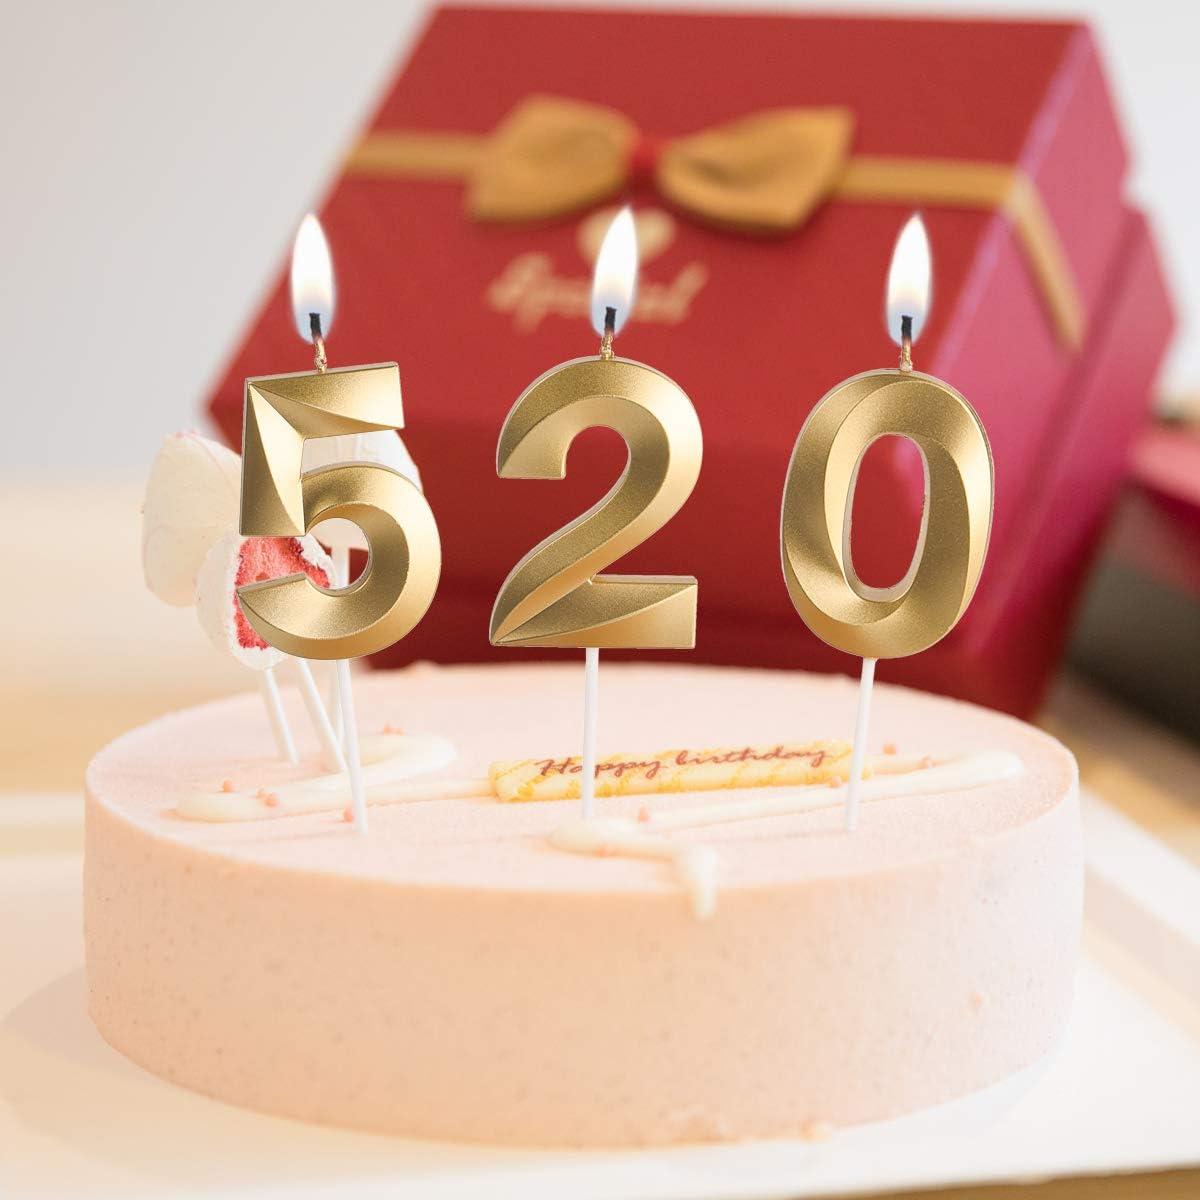 Fiestas De Jubilaci/ón 6 Velas De Cumplea/ños Oro Aniversarios De Bodas URAQT Velas De Cumplea/ños N/úmero Adecuado para Fiestas De Cumplea/ños